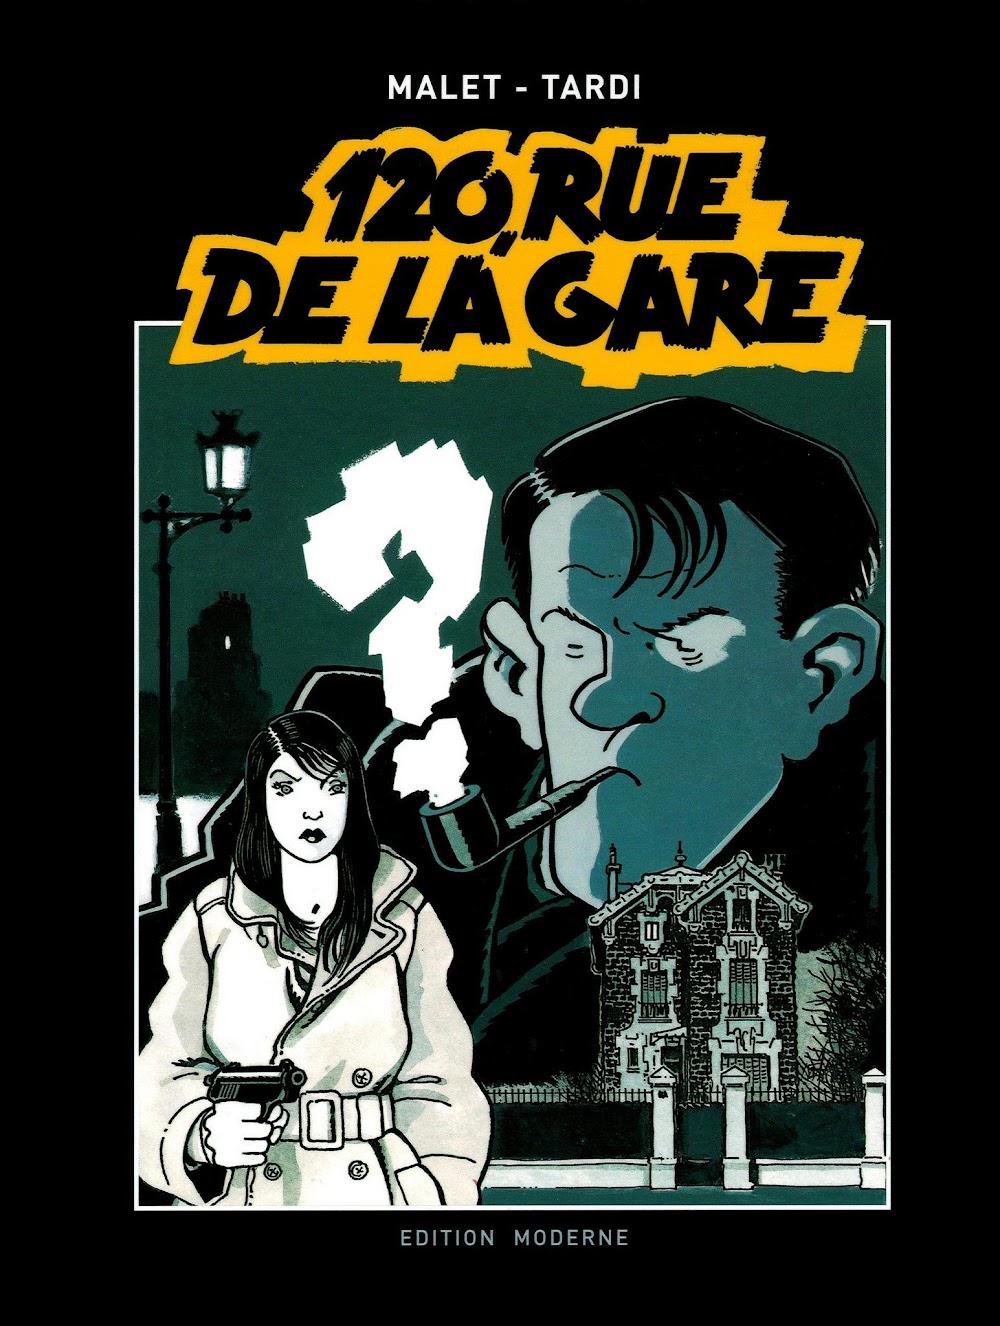 120, Rue de la Gare Gesamtausgabe (1988)